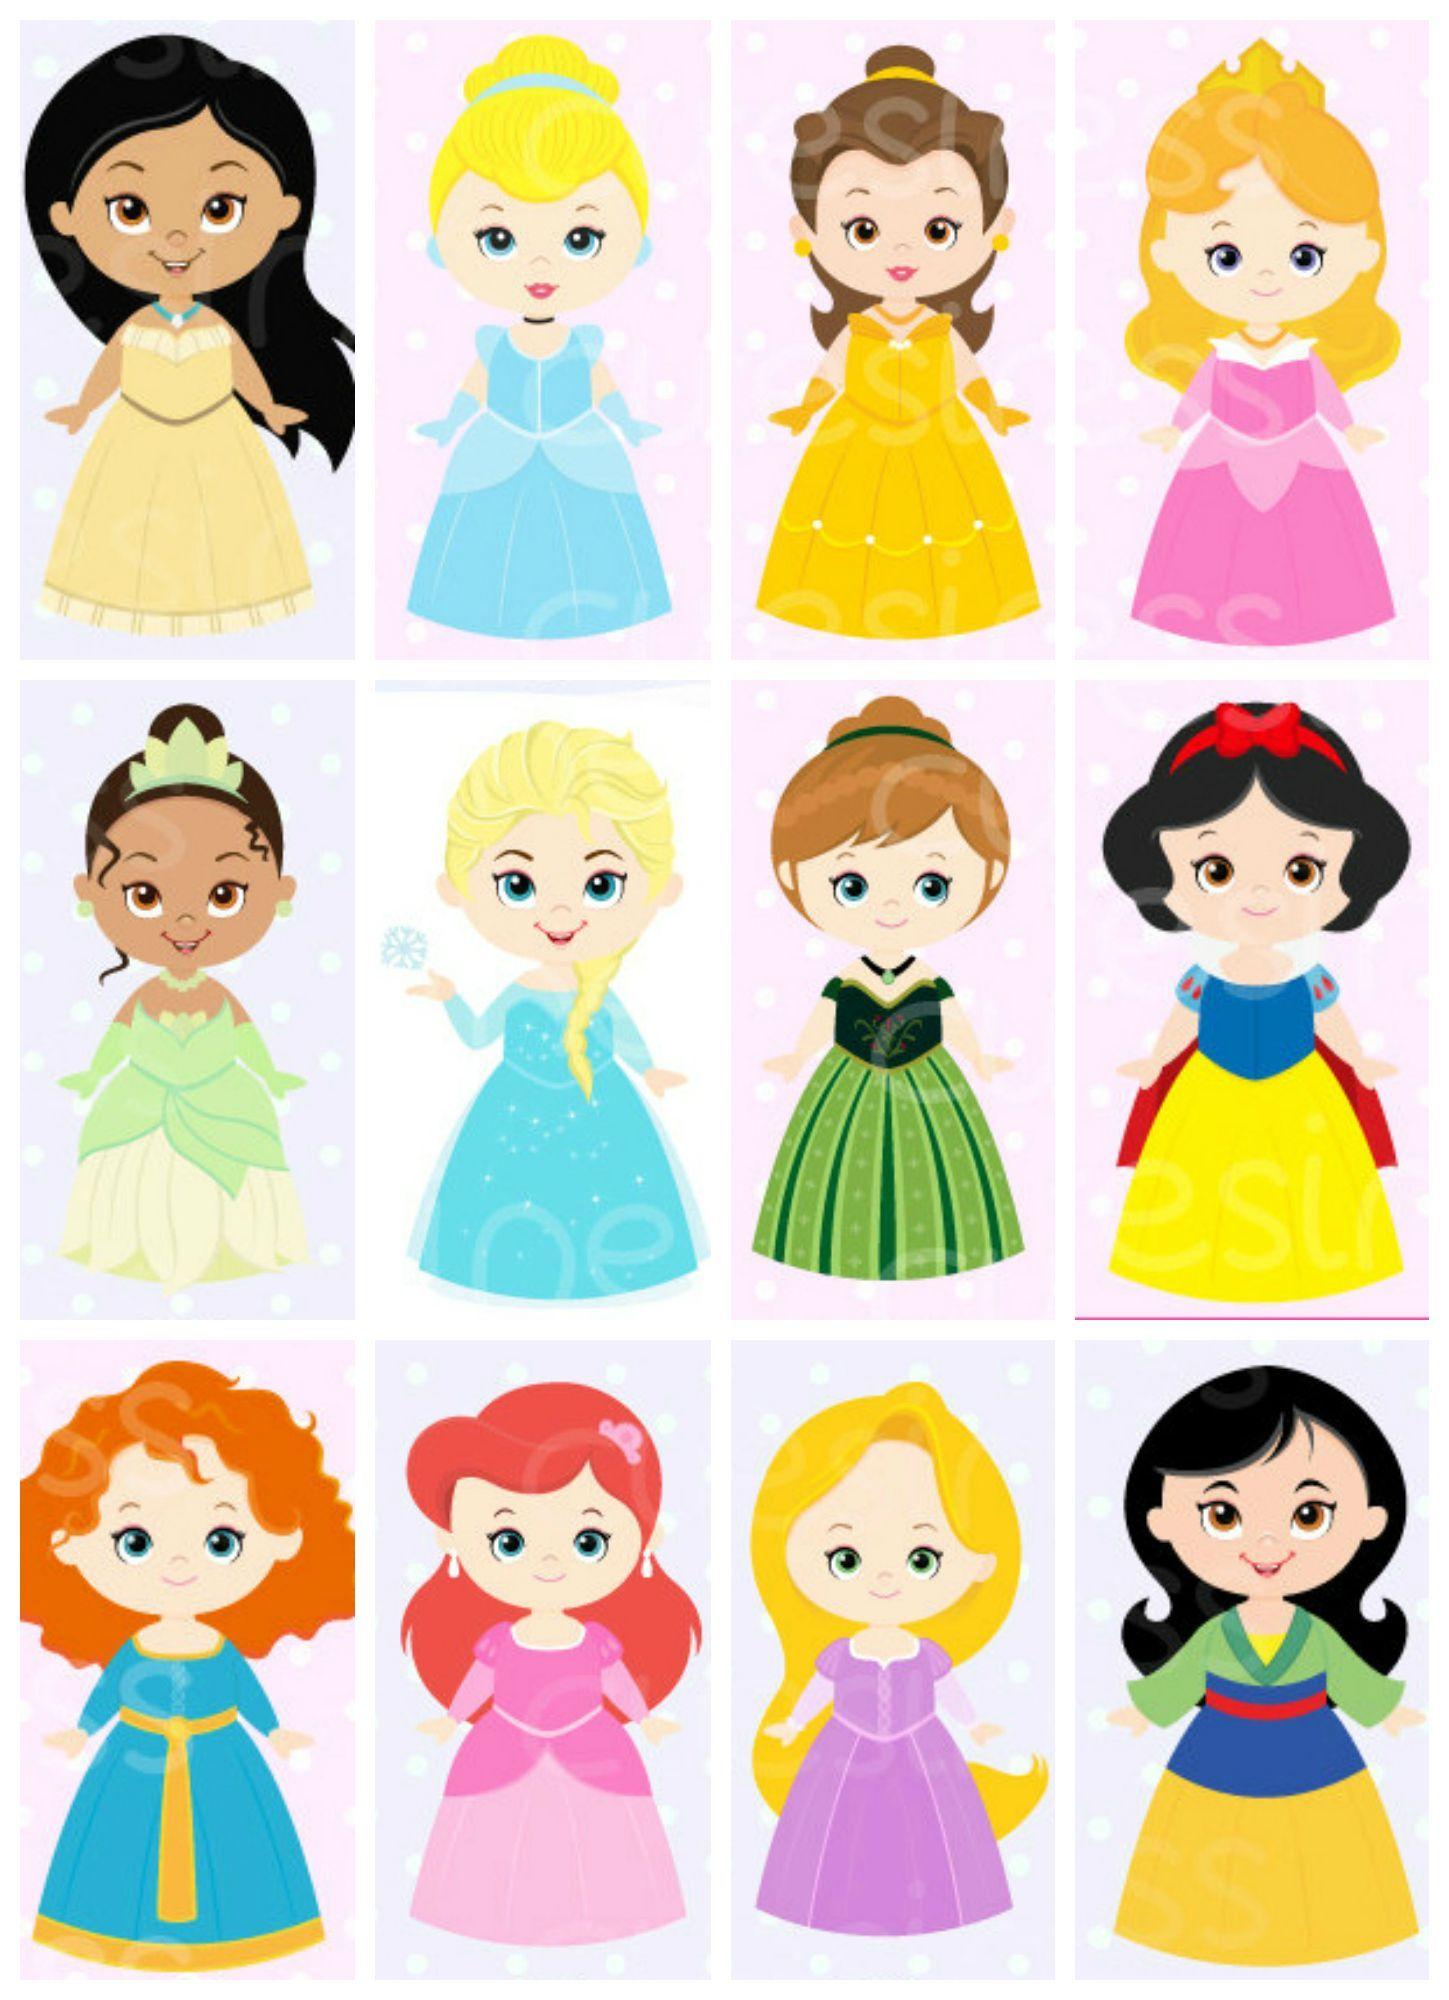 Princesses | Disney princess images, Disney princess ...